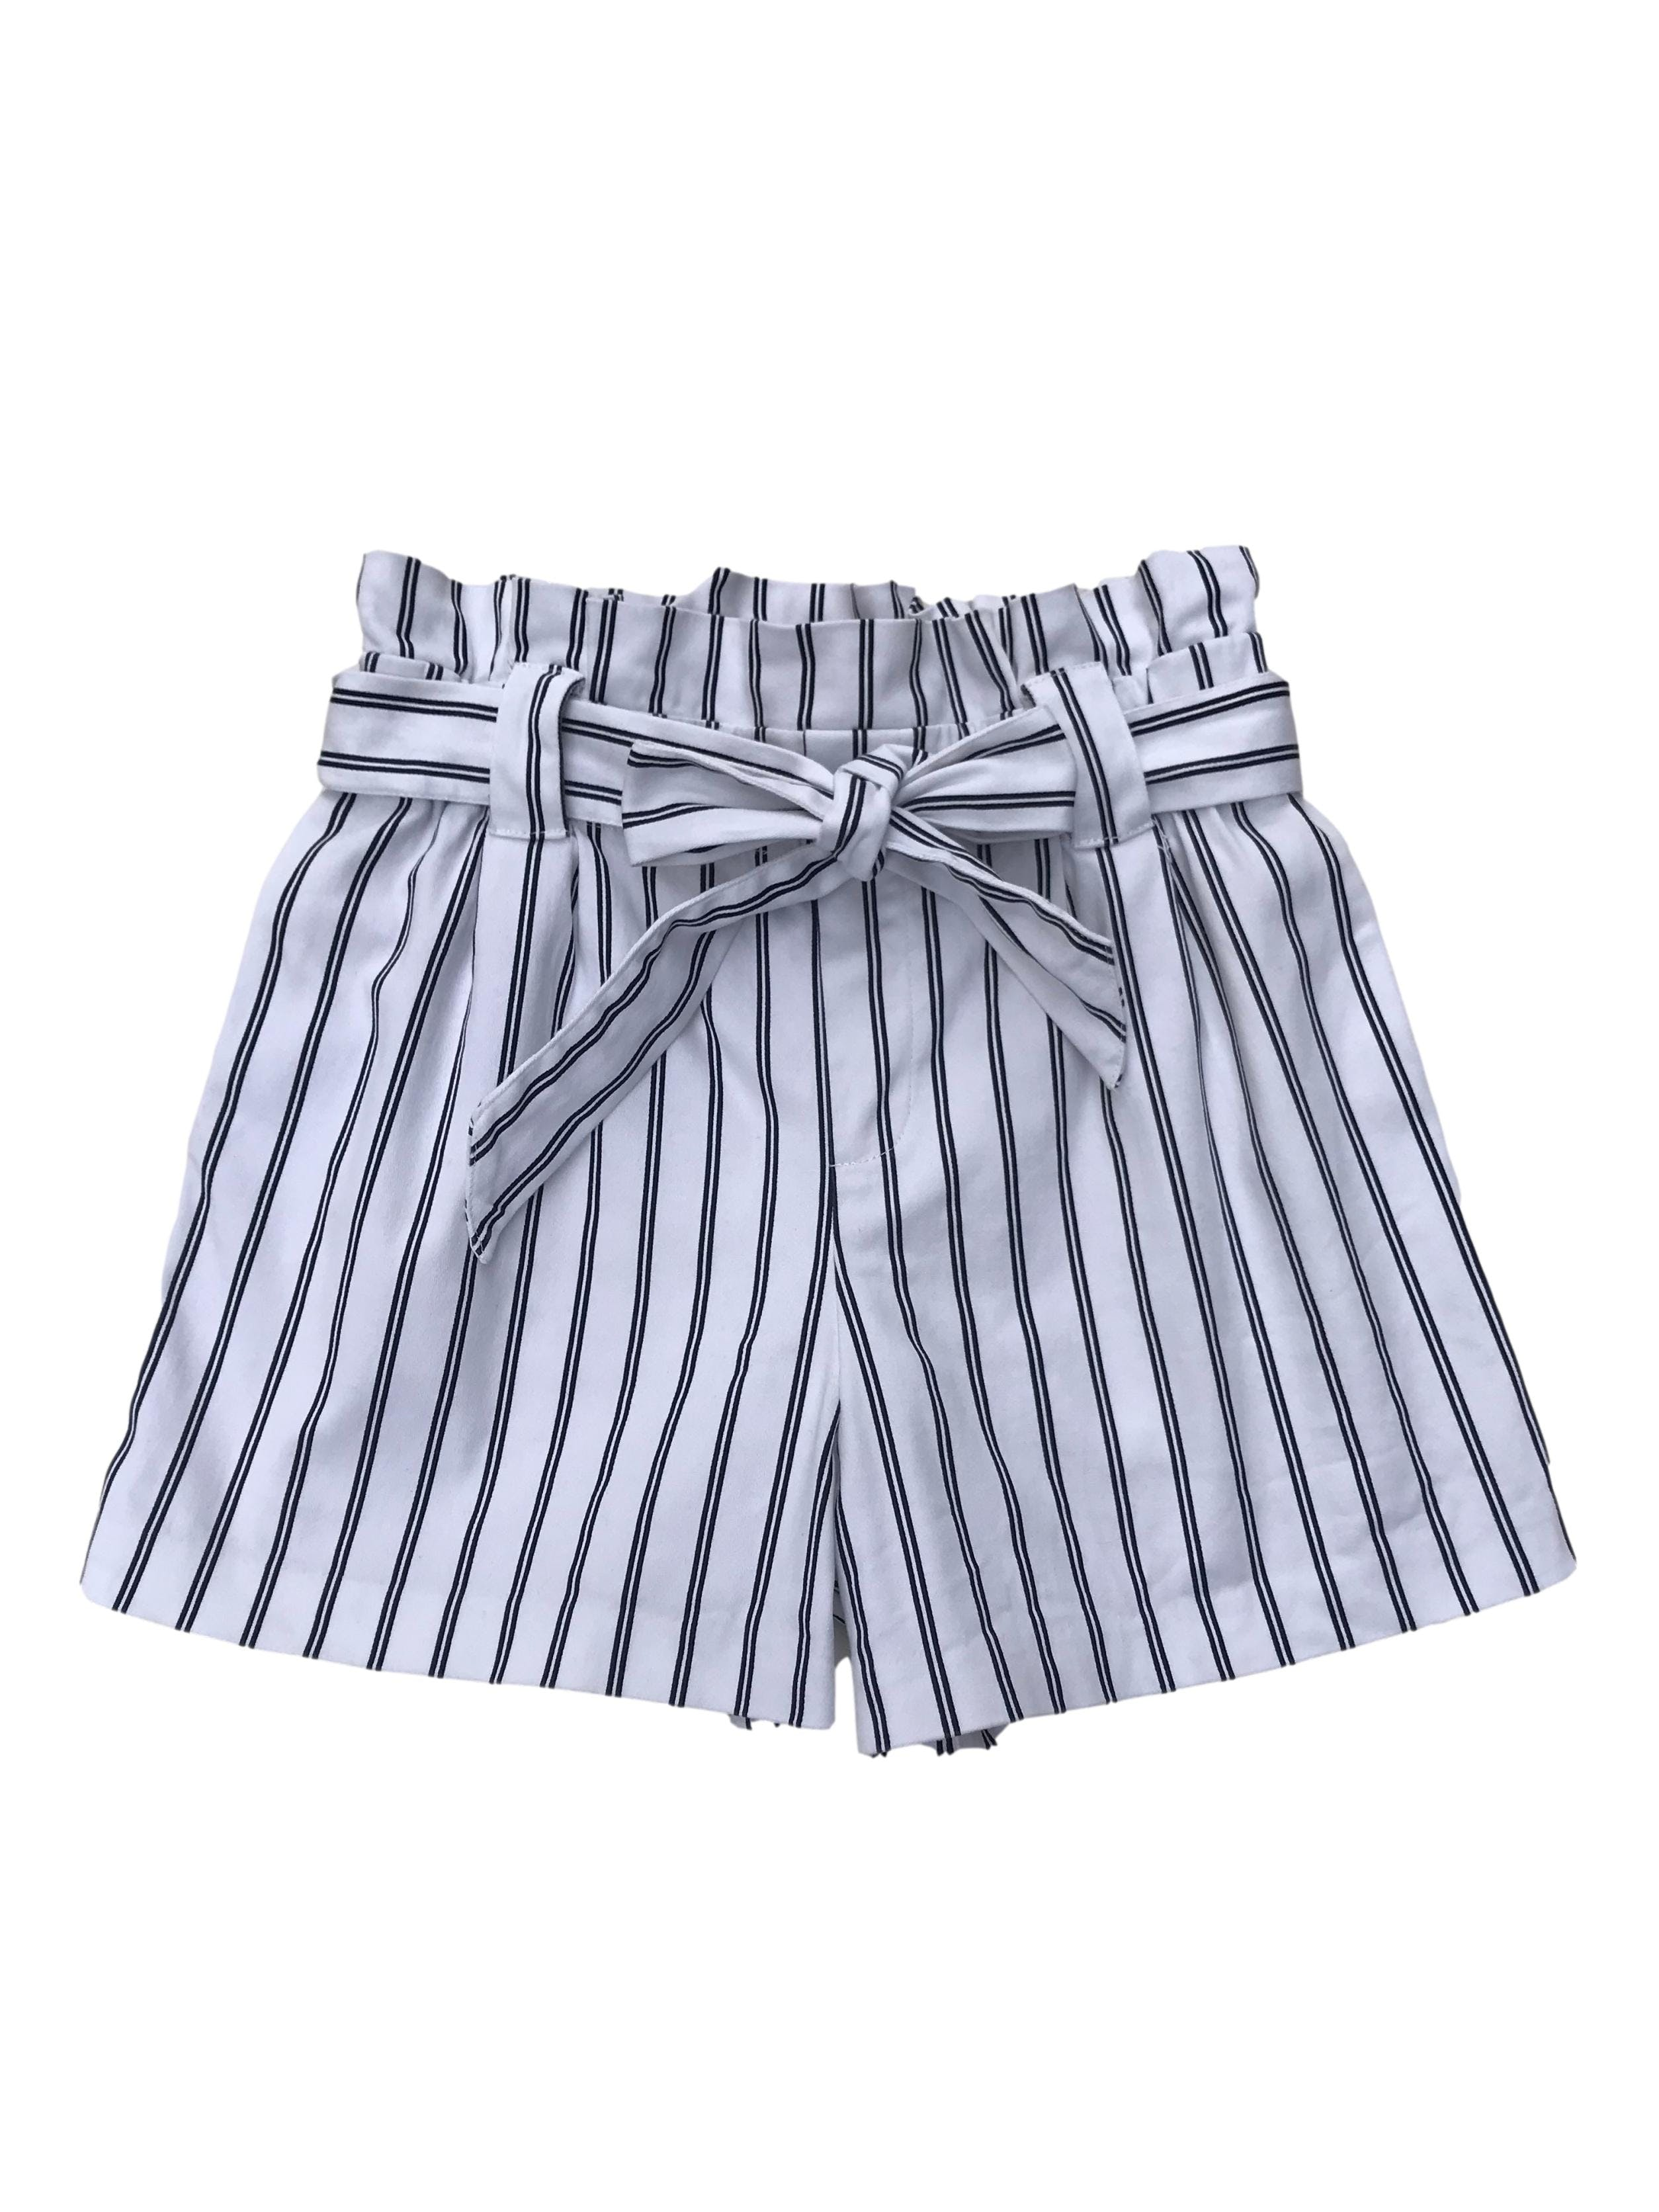 Short paper bag blanco con líneas azules, drill 98% algodón, tiene bolsillos laterales, elástico en la cintura (70cm sin estirar)